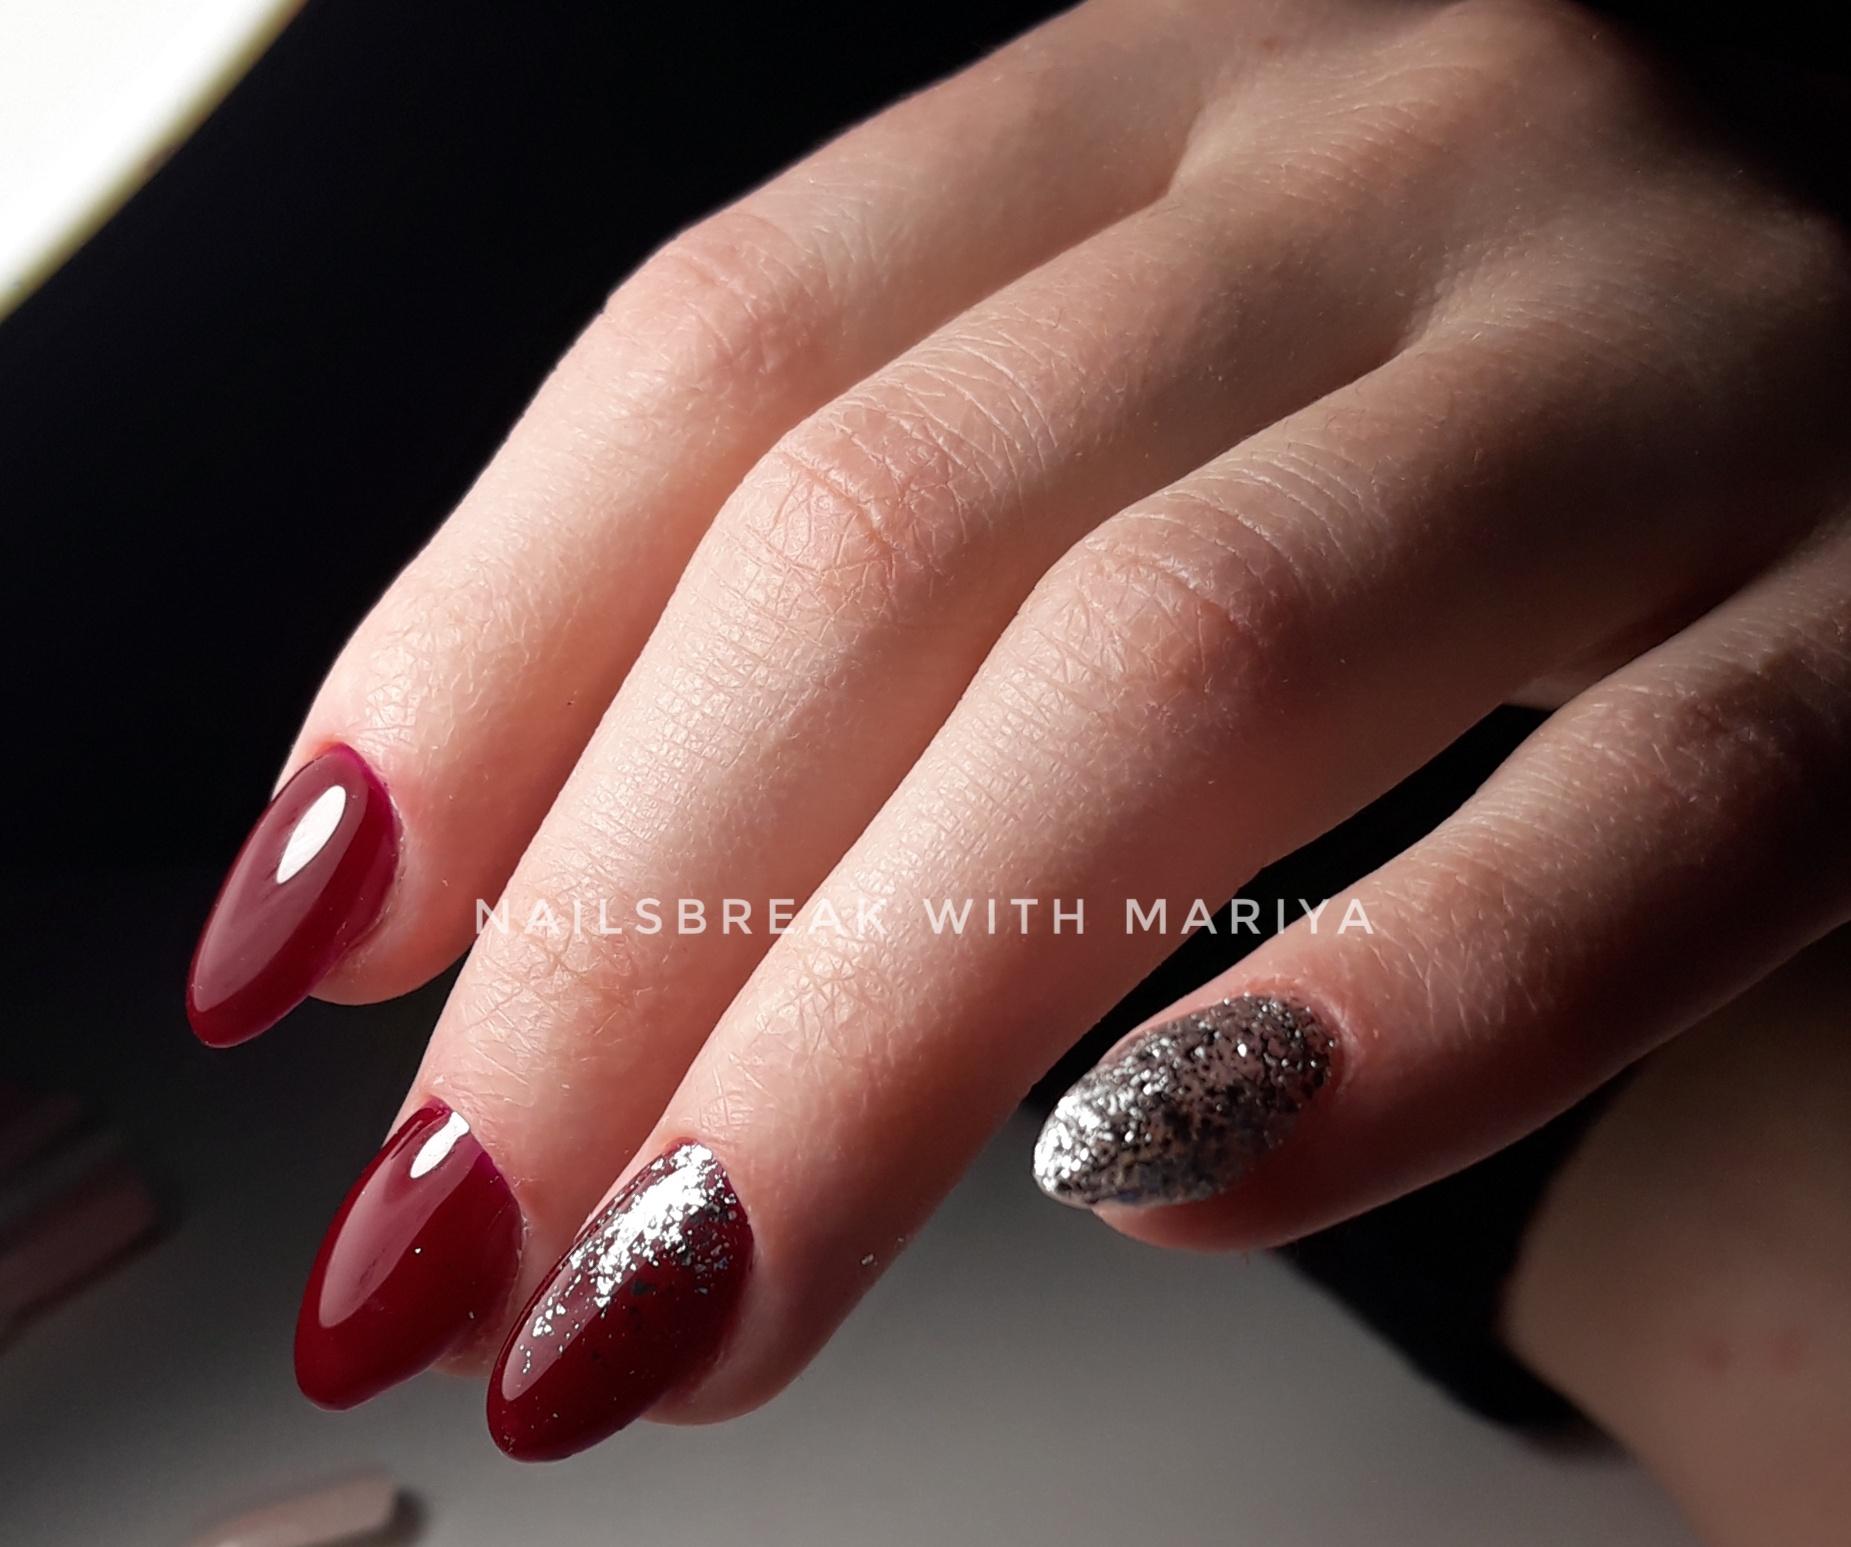 Маникюр в тёмно-красном цвете с серебряными блёстками.